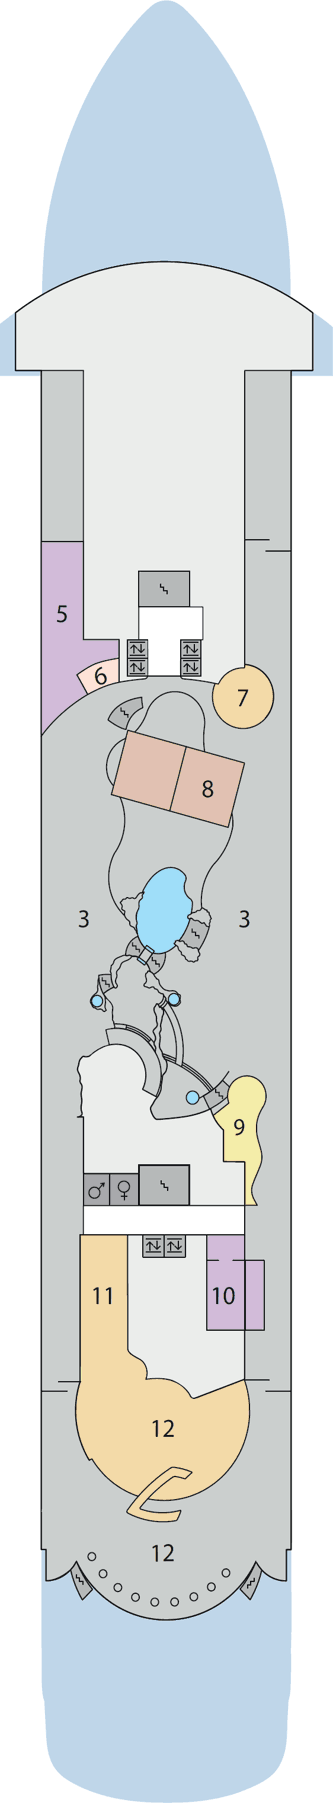 AIDAaura - Deck 10